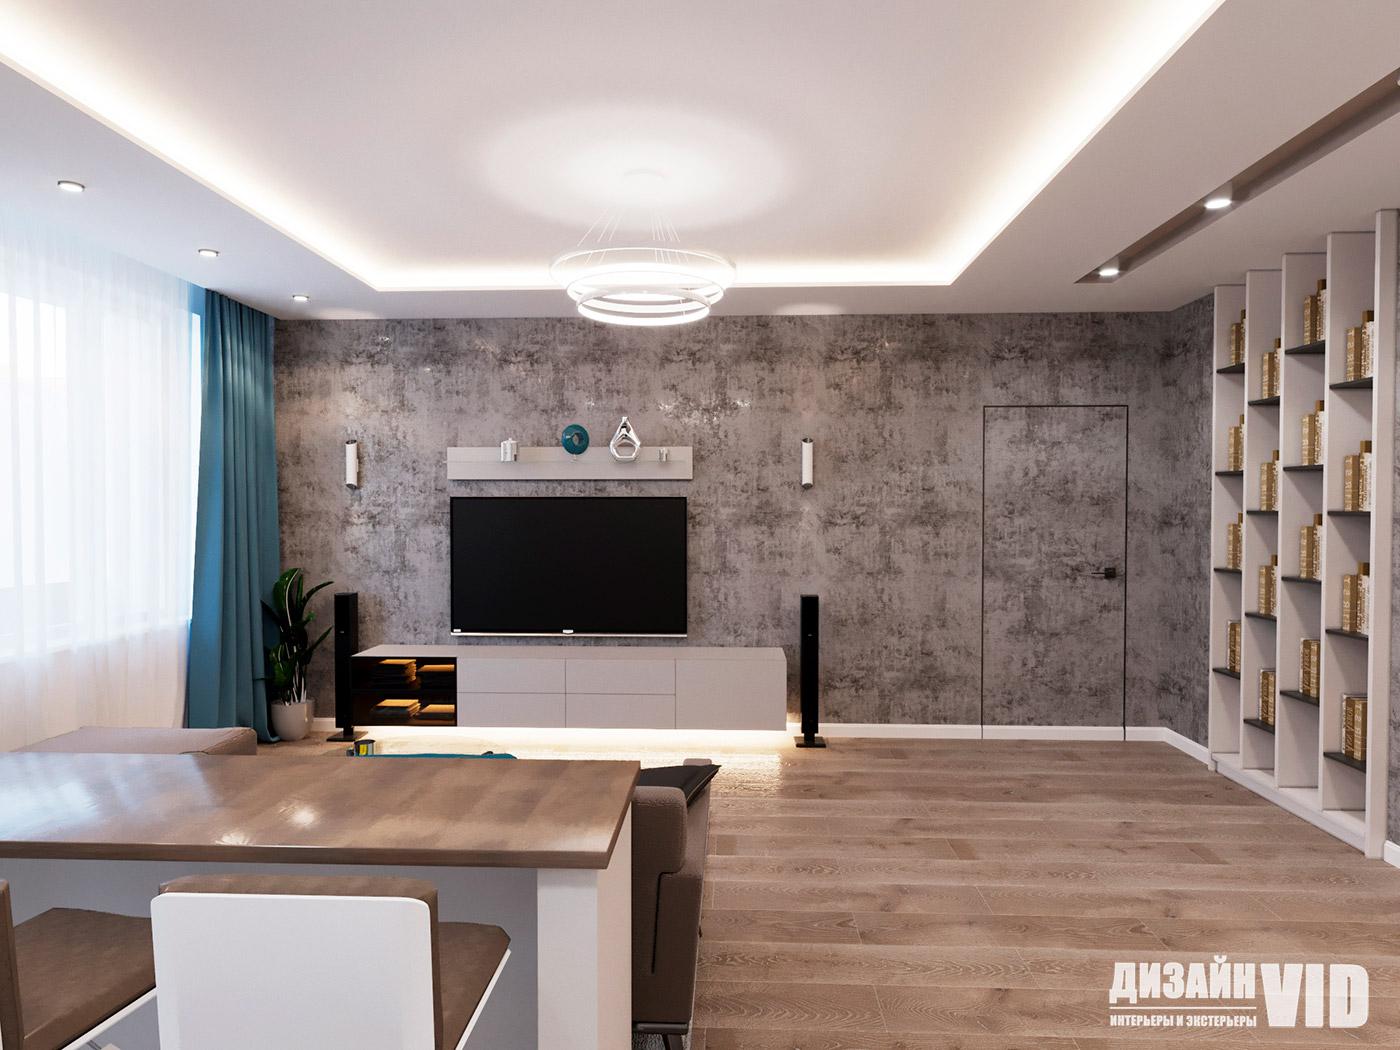 стена под телевизор оформлена декоративной штукатуркой